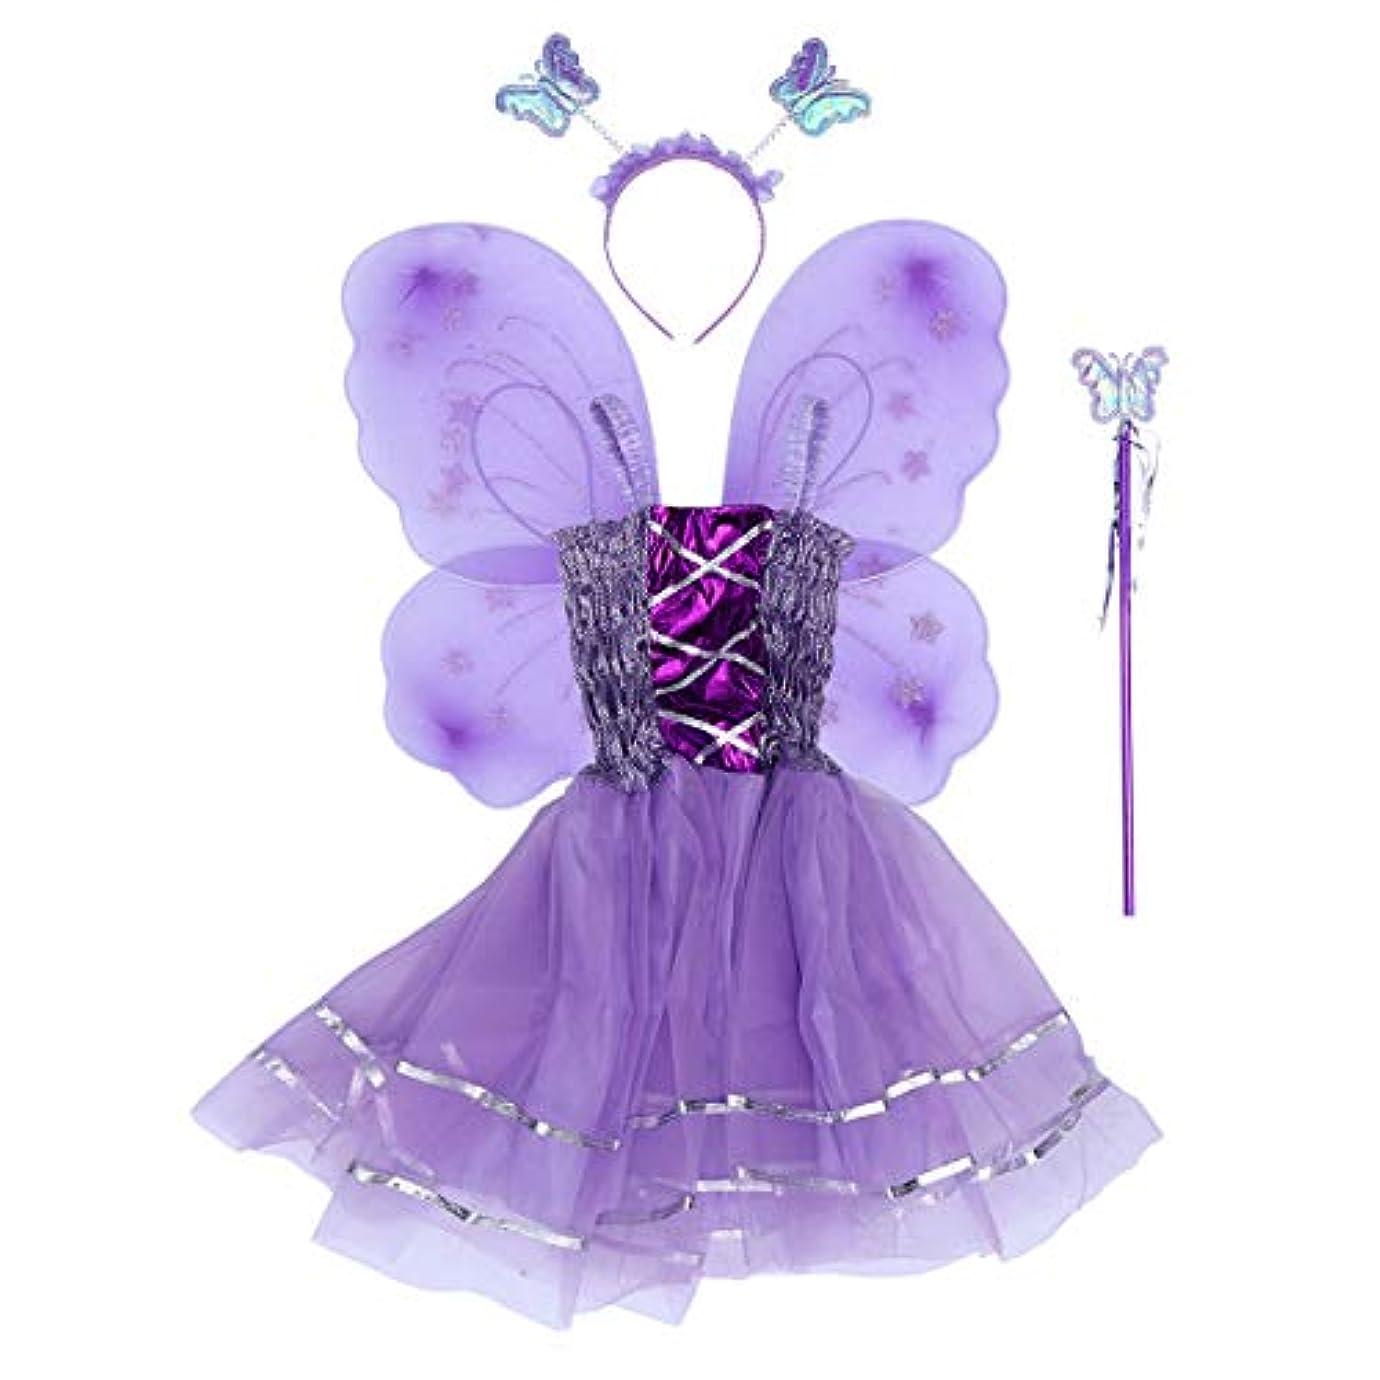 ルーフホップマッシュBESTOYARD 4個の女の子バタフライプリンセス妖精のコスチュームセットバタフライウィング、ワンド、ヘッドバンドとツツードレス(バイオレット)